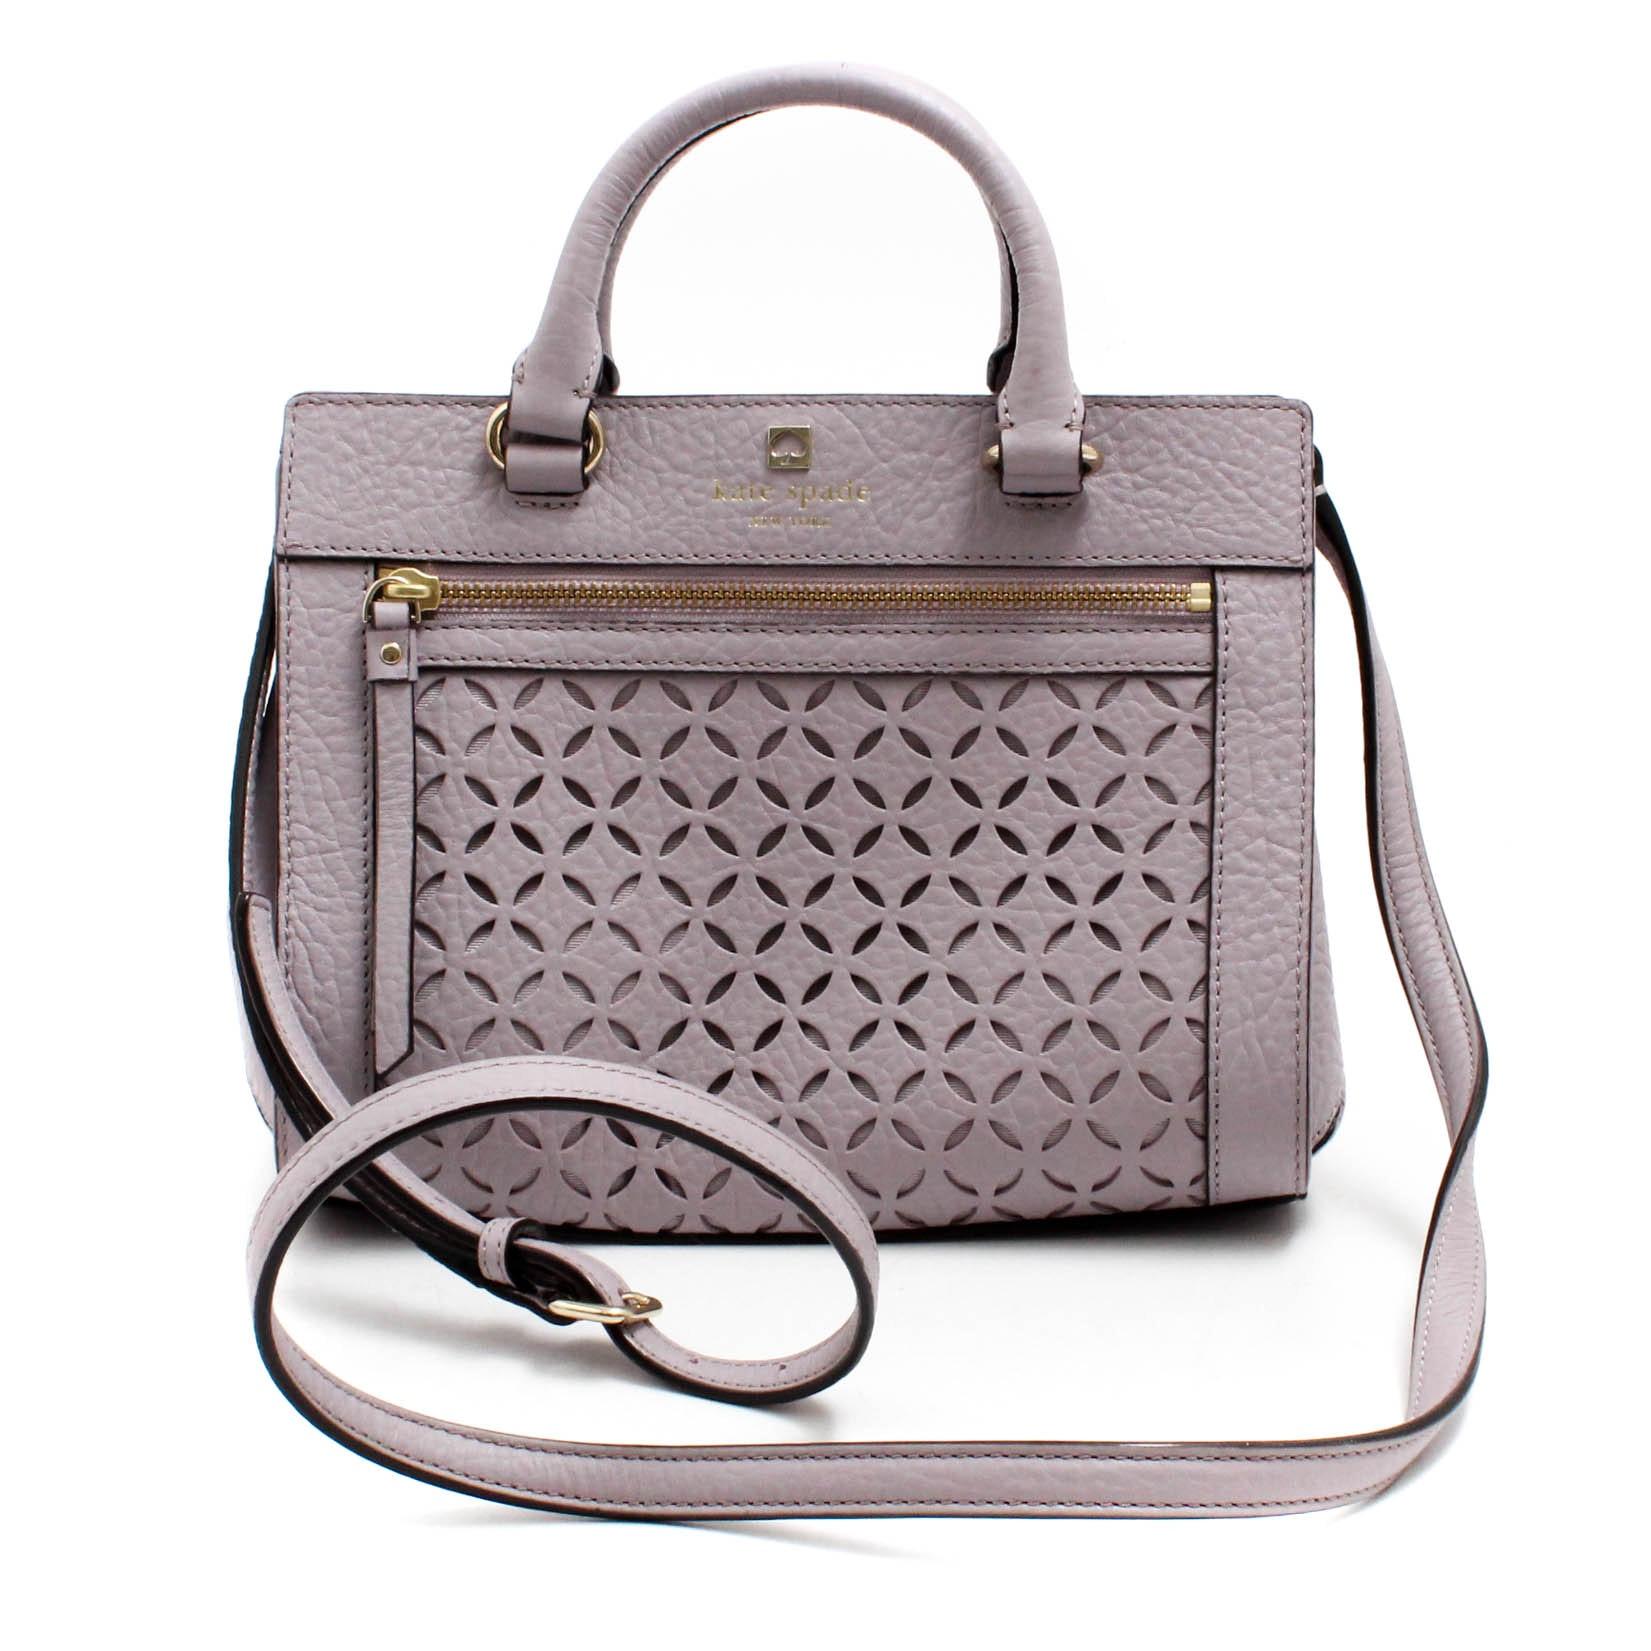 Kate Spade New York Pebbled Laser Cut-Out Leather Shoulder Bag